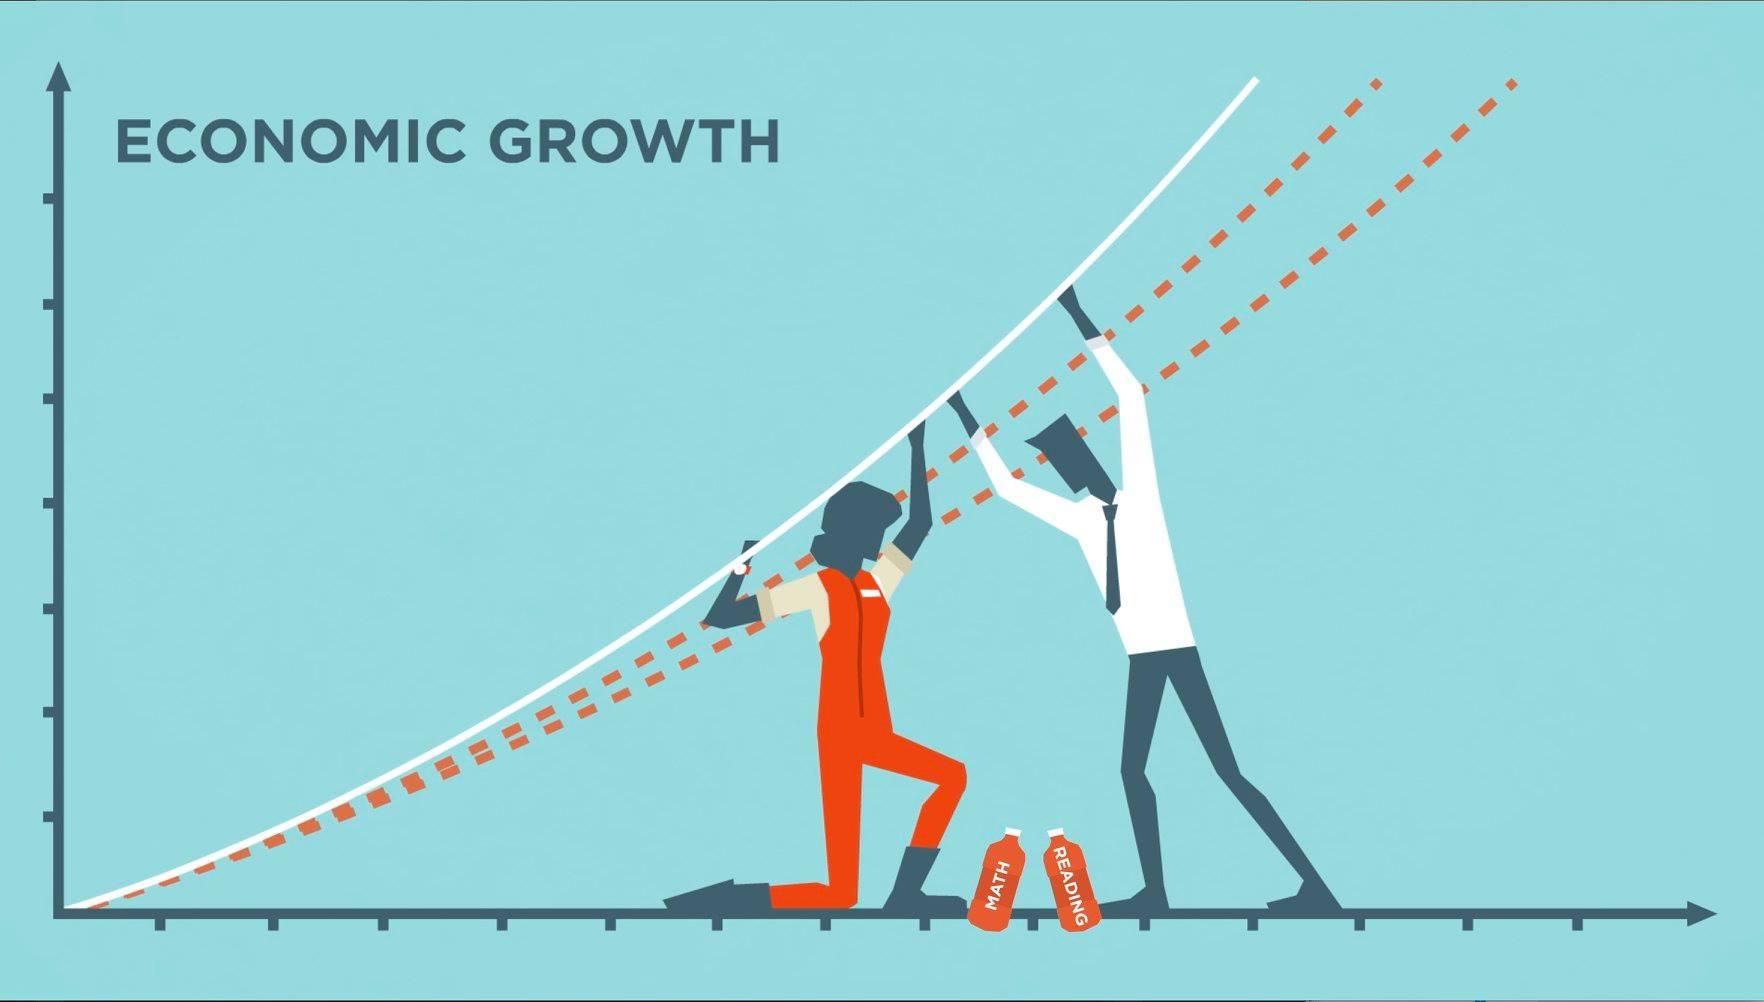 Ի-Վի Քոնսալթինգ. Զբաղվածության աճ ապահովելու համար անհրաժեշտ է առնվազն 7% տնտեսական աճ